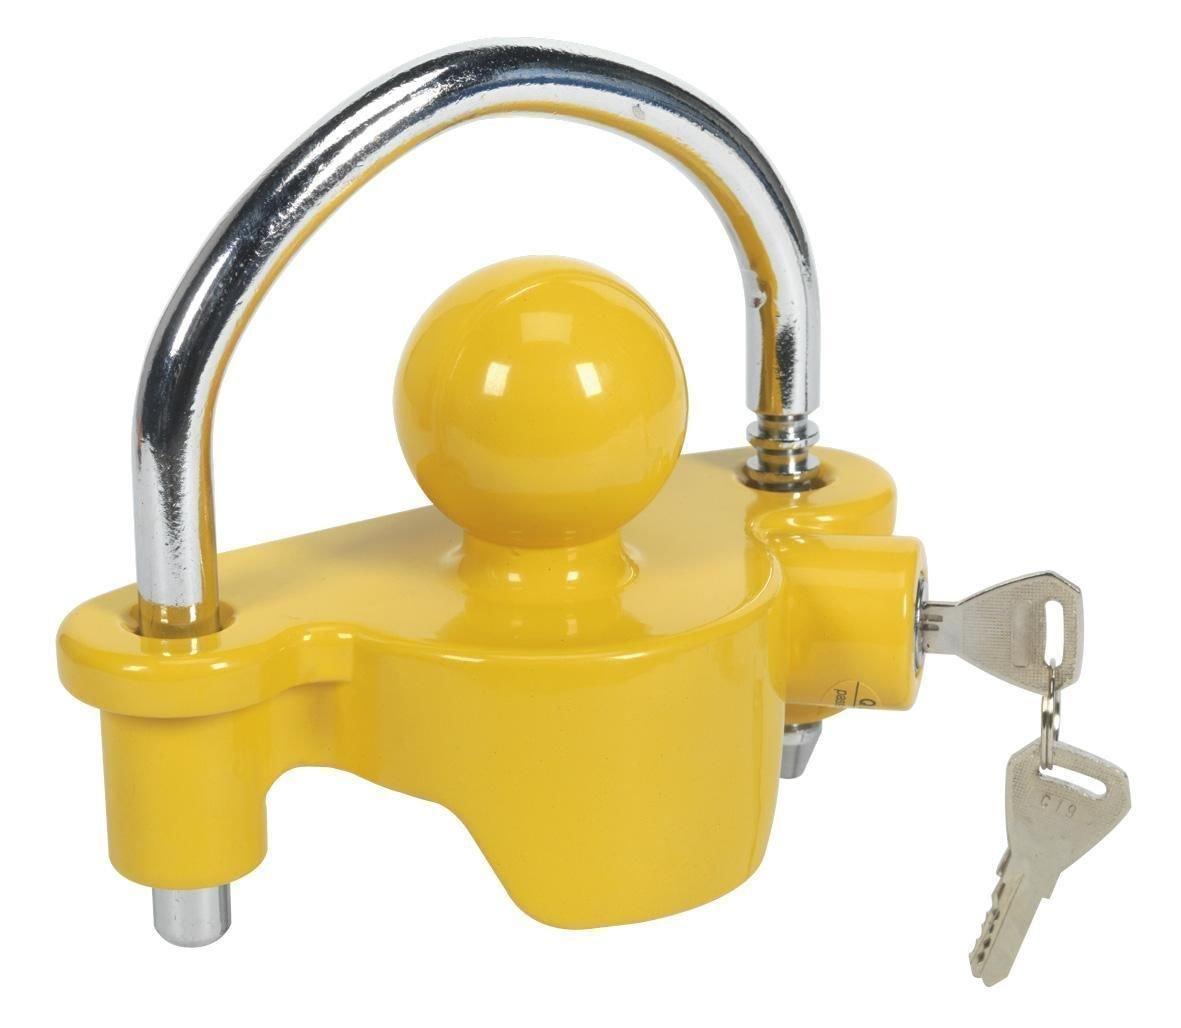 /16/Feb-20/ Generic qy-uk4/ caravana remolque sal Cou Univers Universal de seguridad acoplamiento ecurity para bola Lock Candado para bola de enganche de ll Lock Lock /912/* 1/* 2812/*